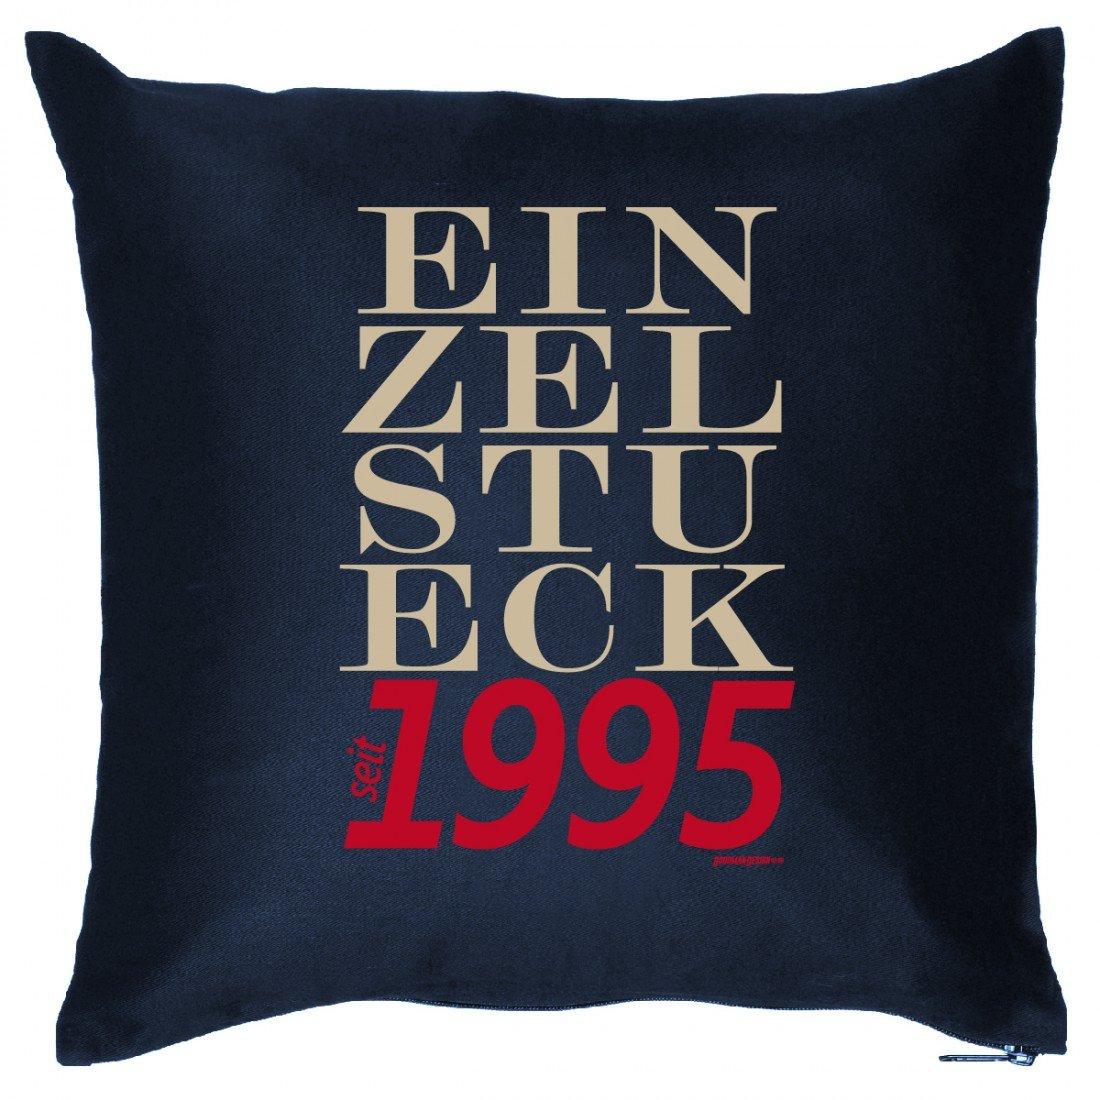 Couch Kissen mit Jahrgang zum Geburtstag – Einzelstück seit 1995 – Sofakissen Wendekissen mit Spruch und Humor jetzt kaufen